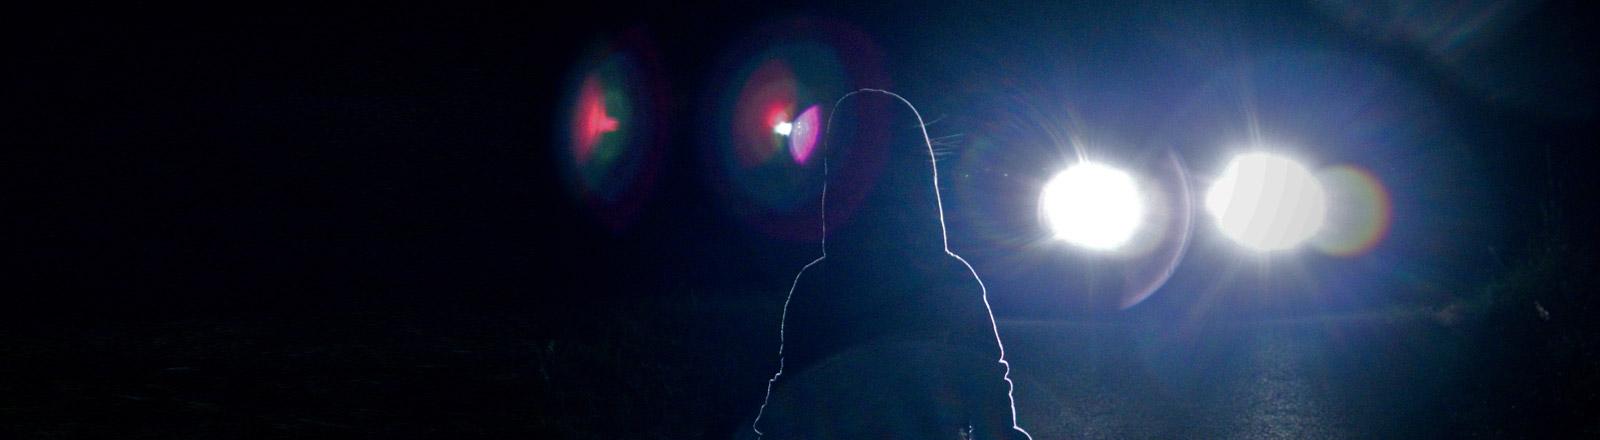 Ein Kind steht nachts auf einer Straße, ein Auto naht.